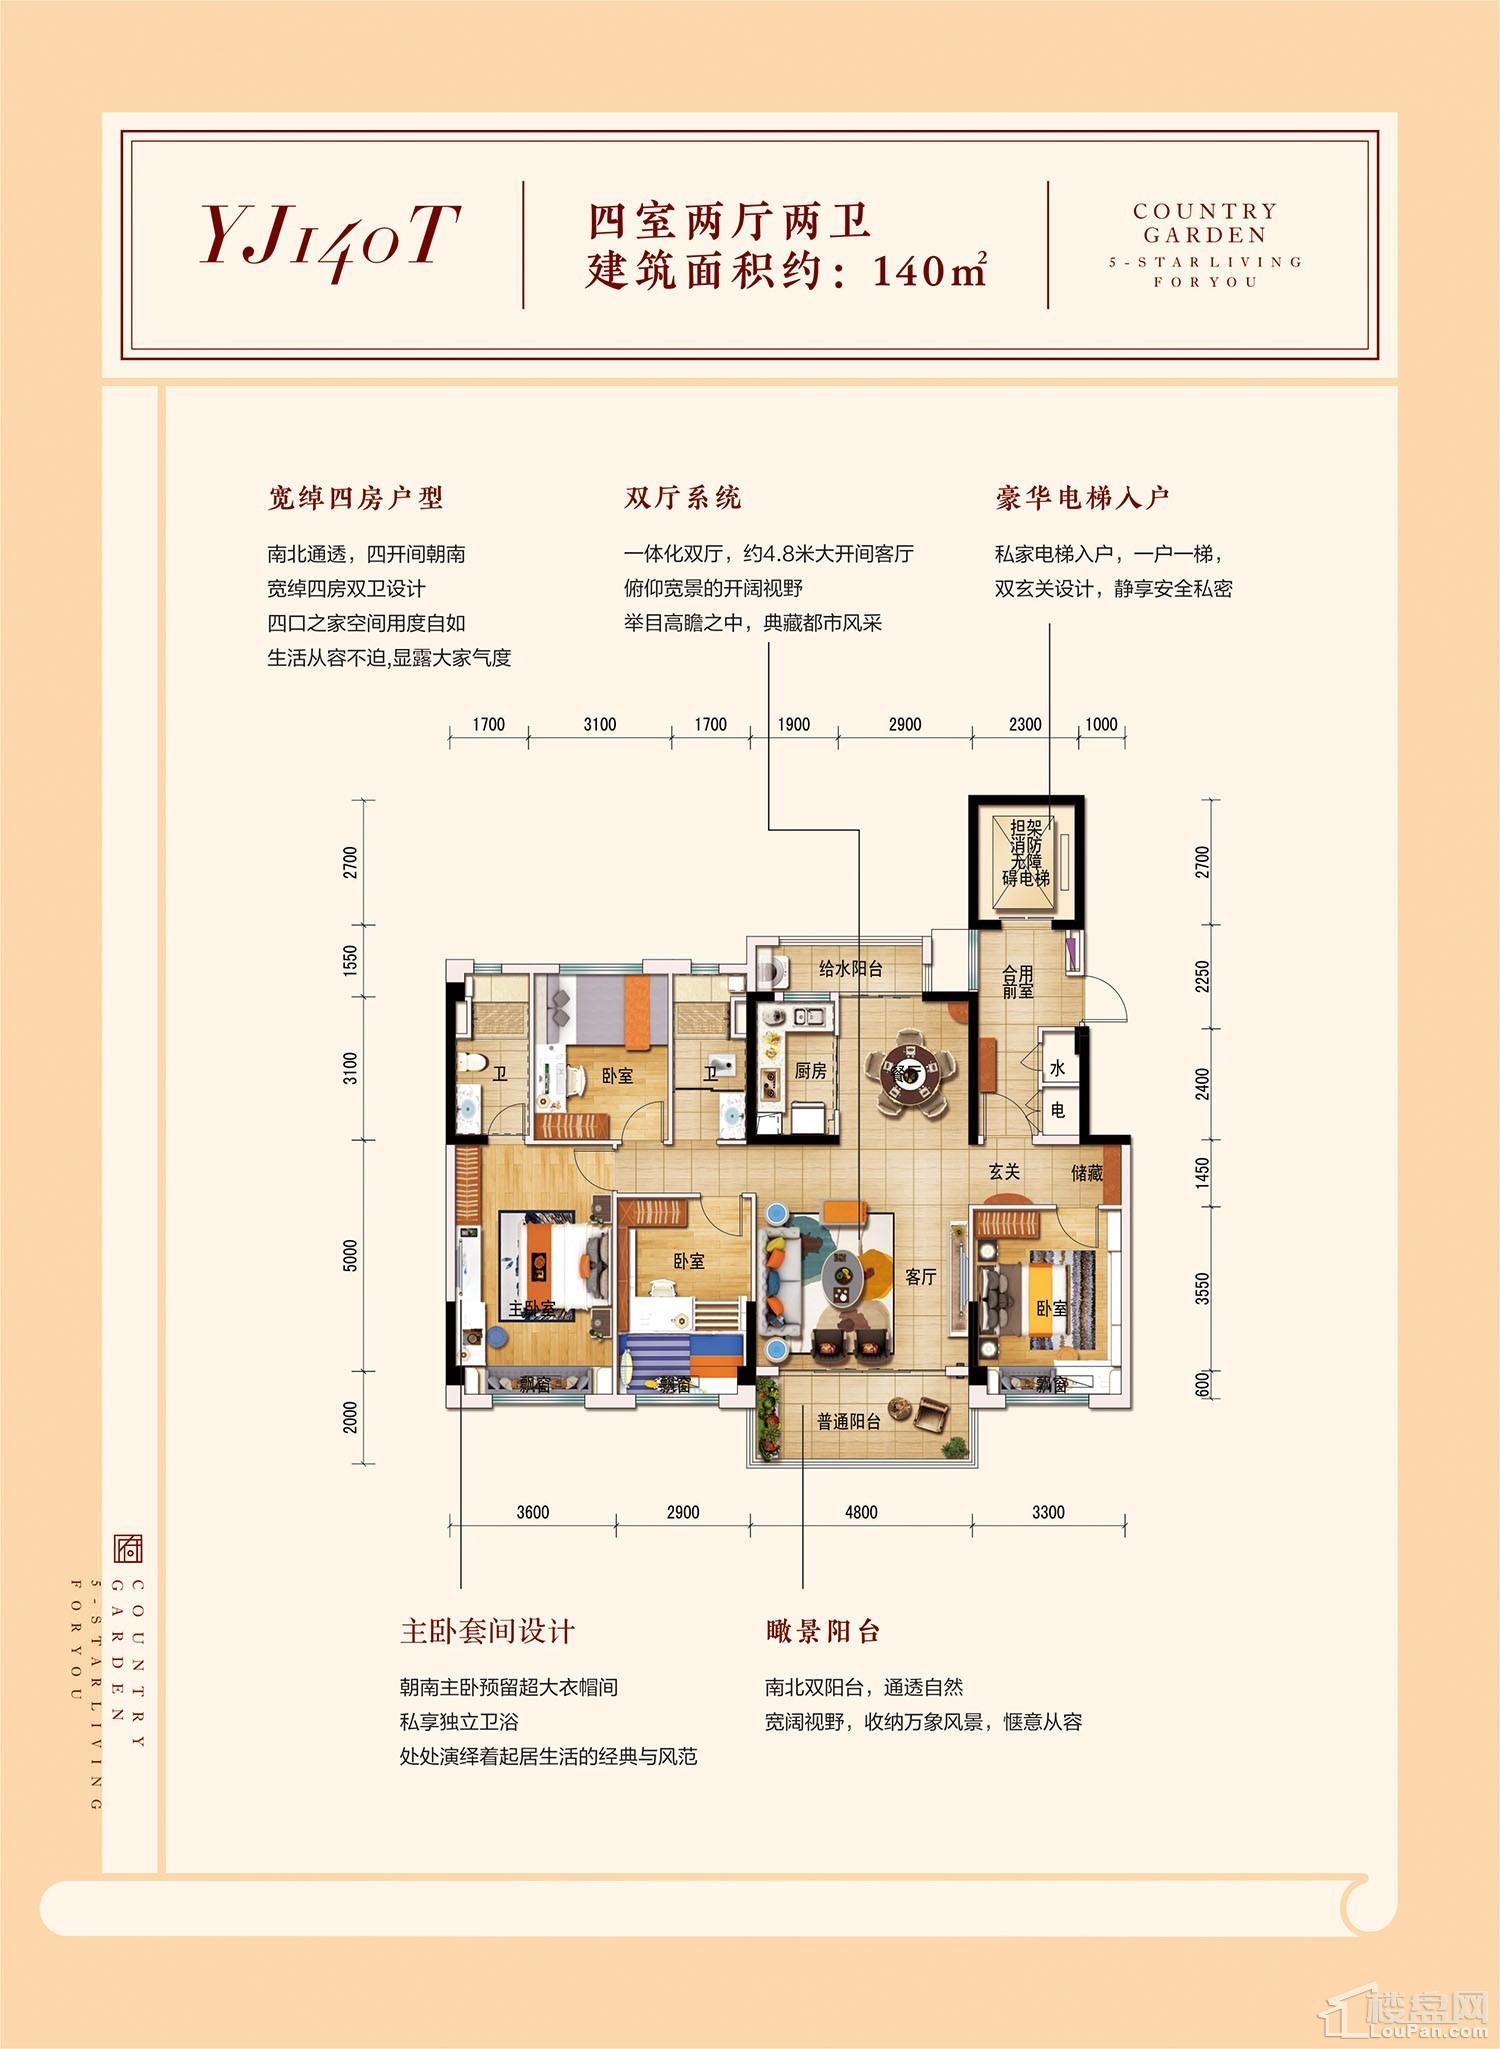 碧桂园·南平府YJ140T户型图